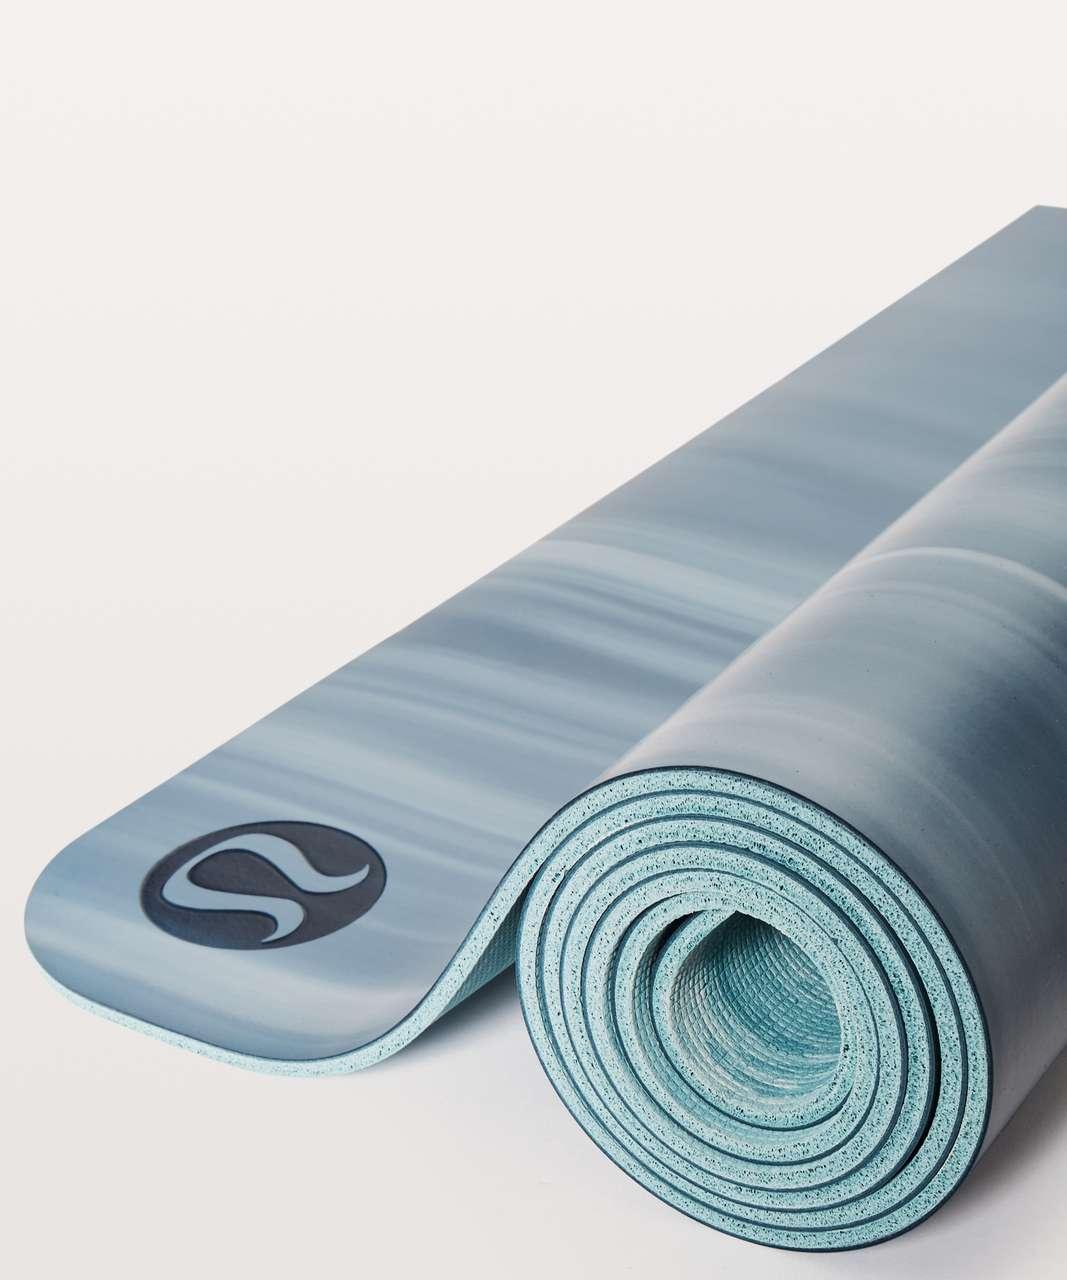 Lululemon The Reversible Mat 5mm - Slate Blue / White / White / Cloud Blue